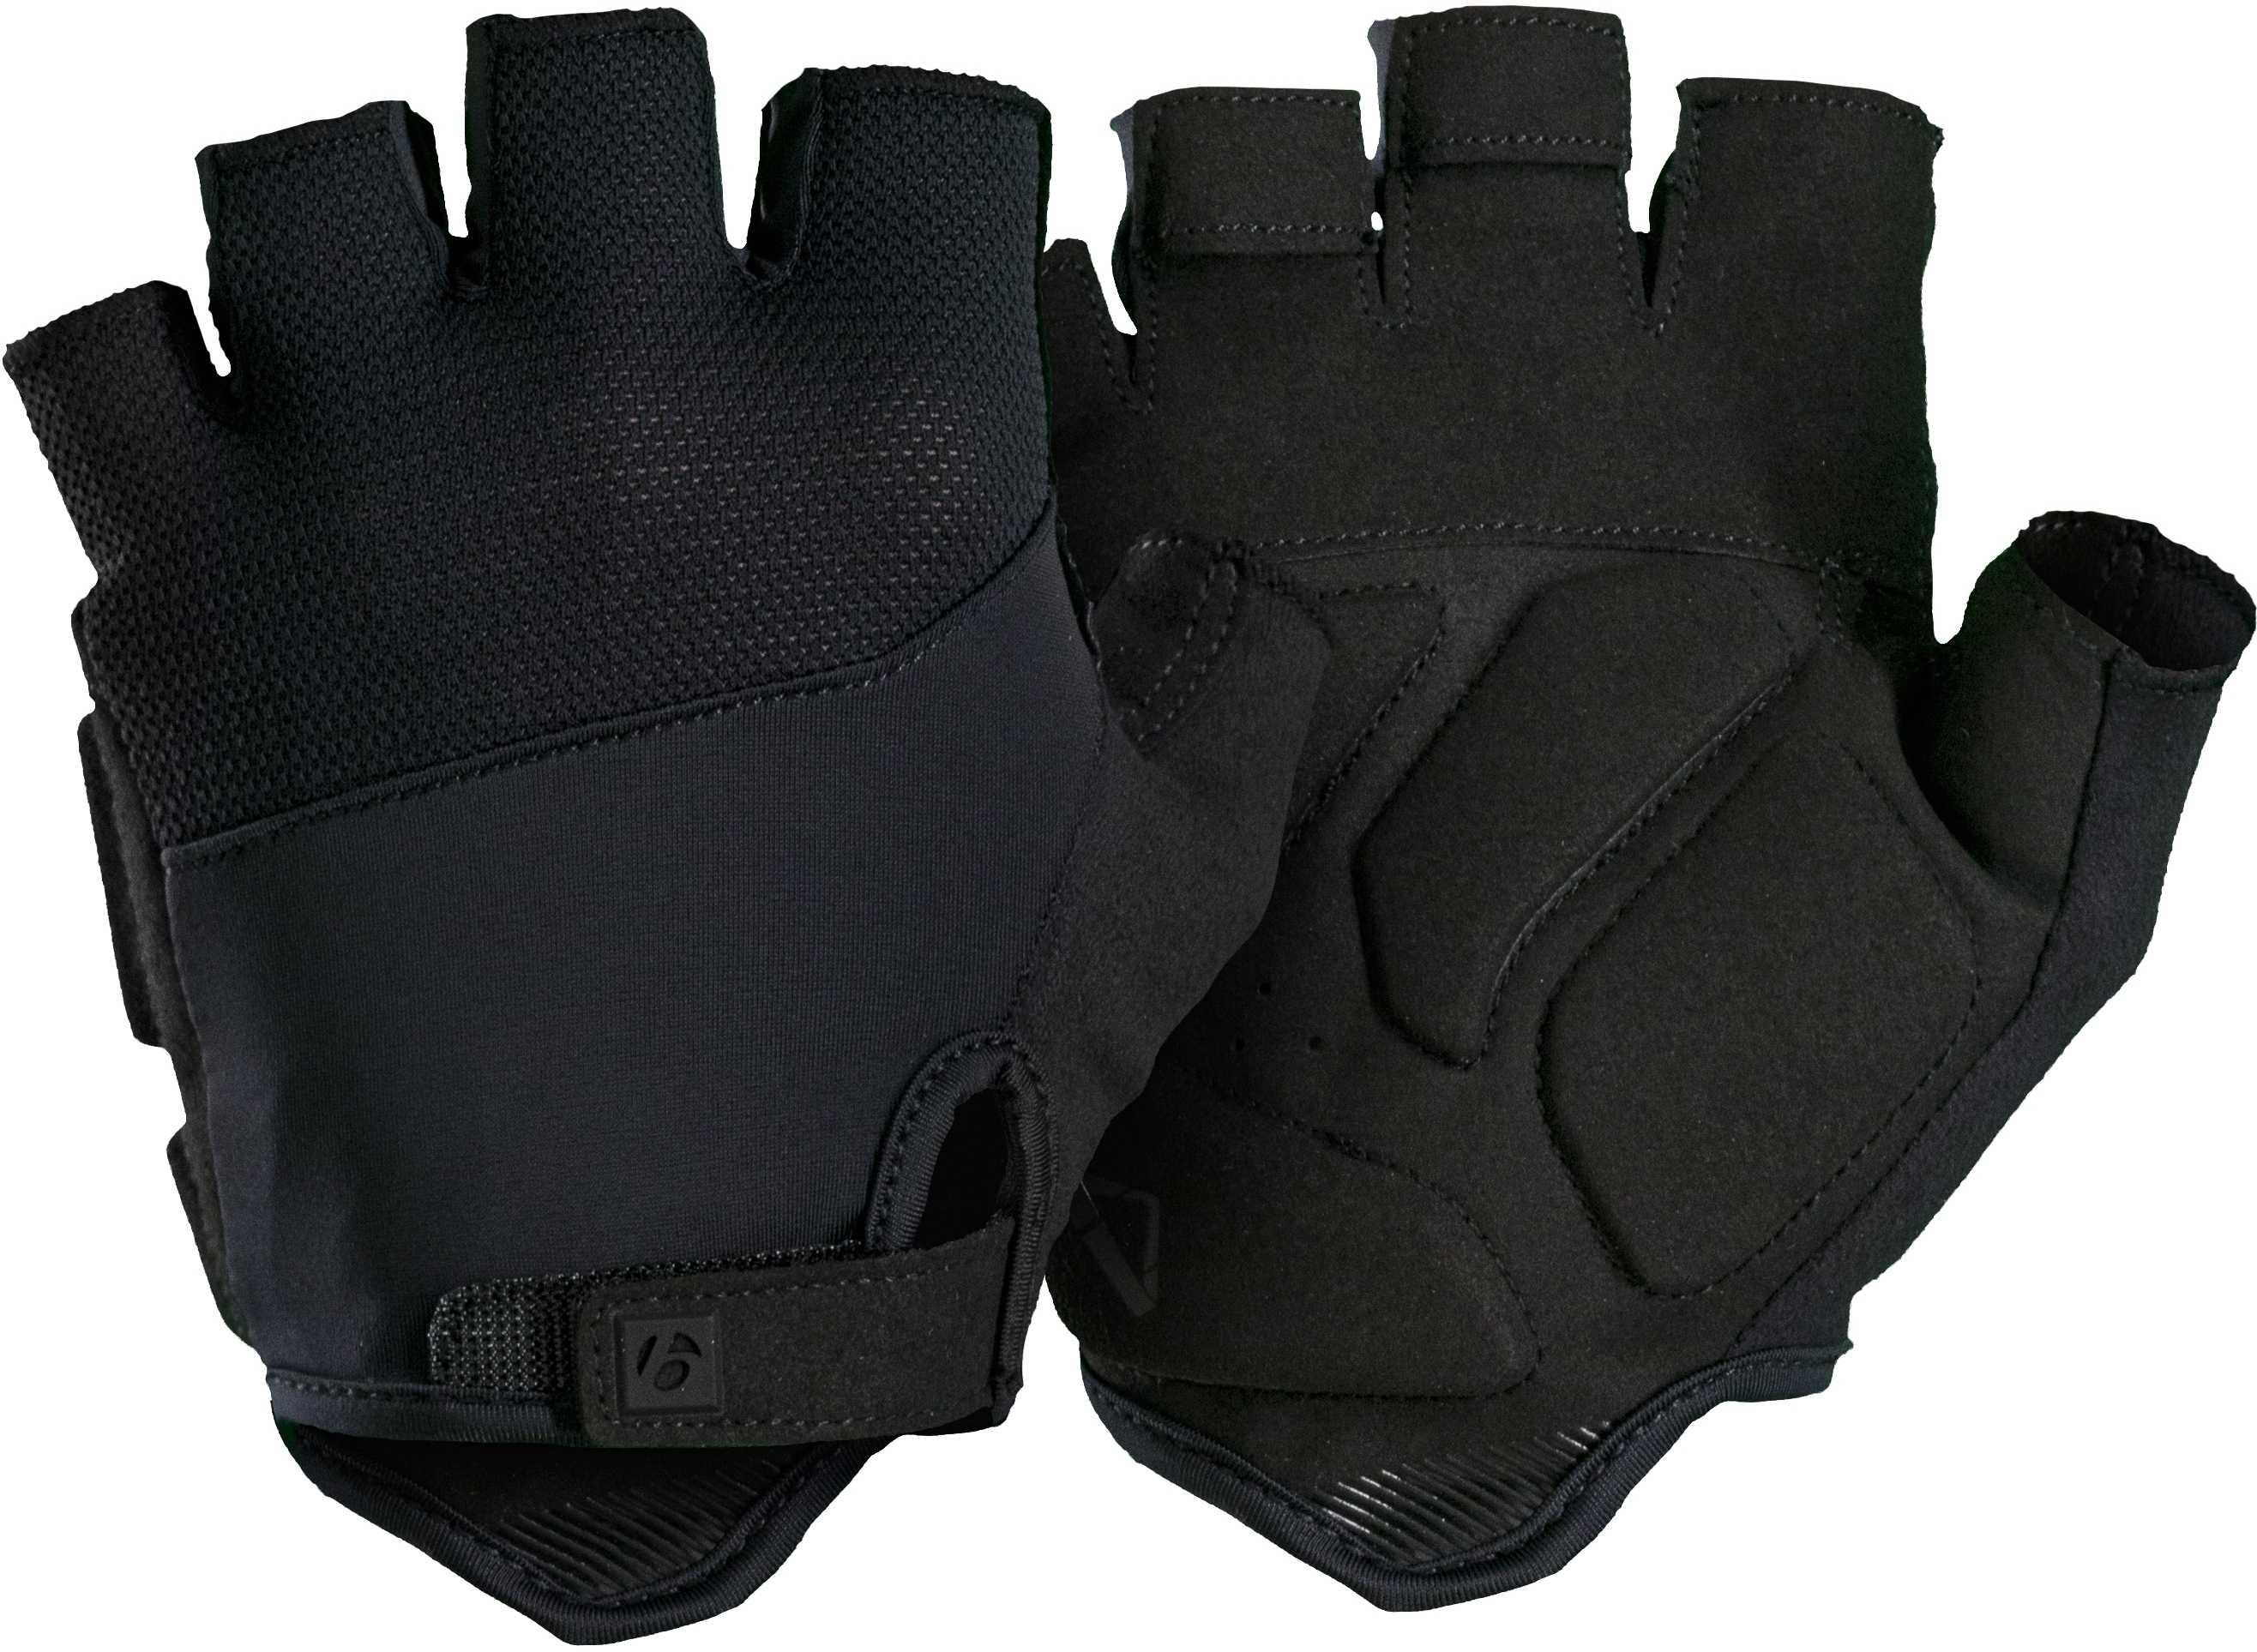 Bontrager Solstice Cycling Glove - Black | Gloves